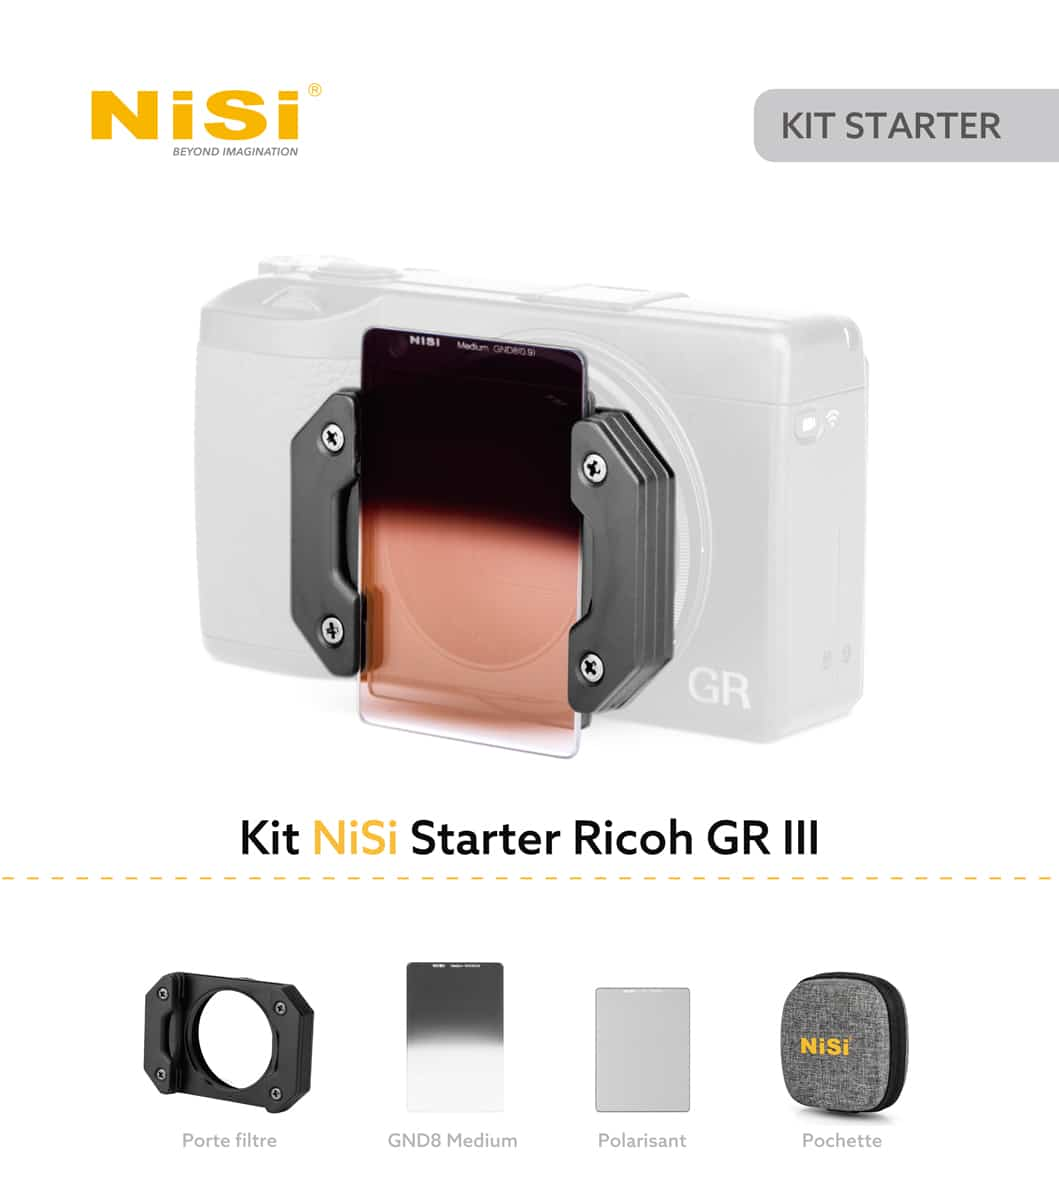 Filtres NISI DJI Phantom 4 PRO